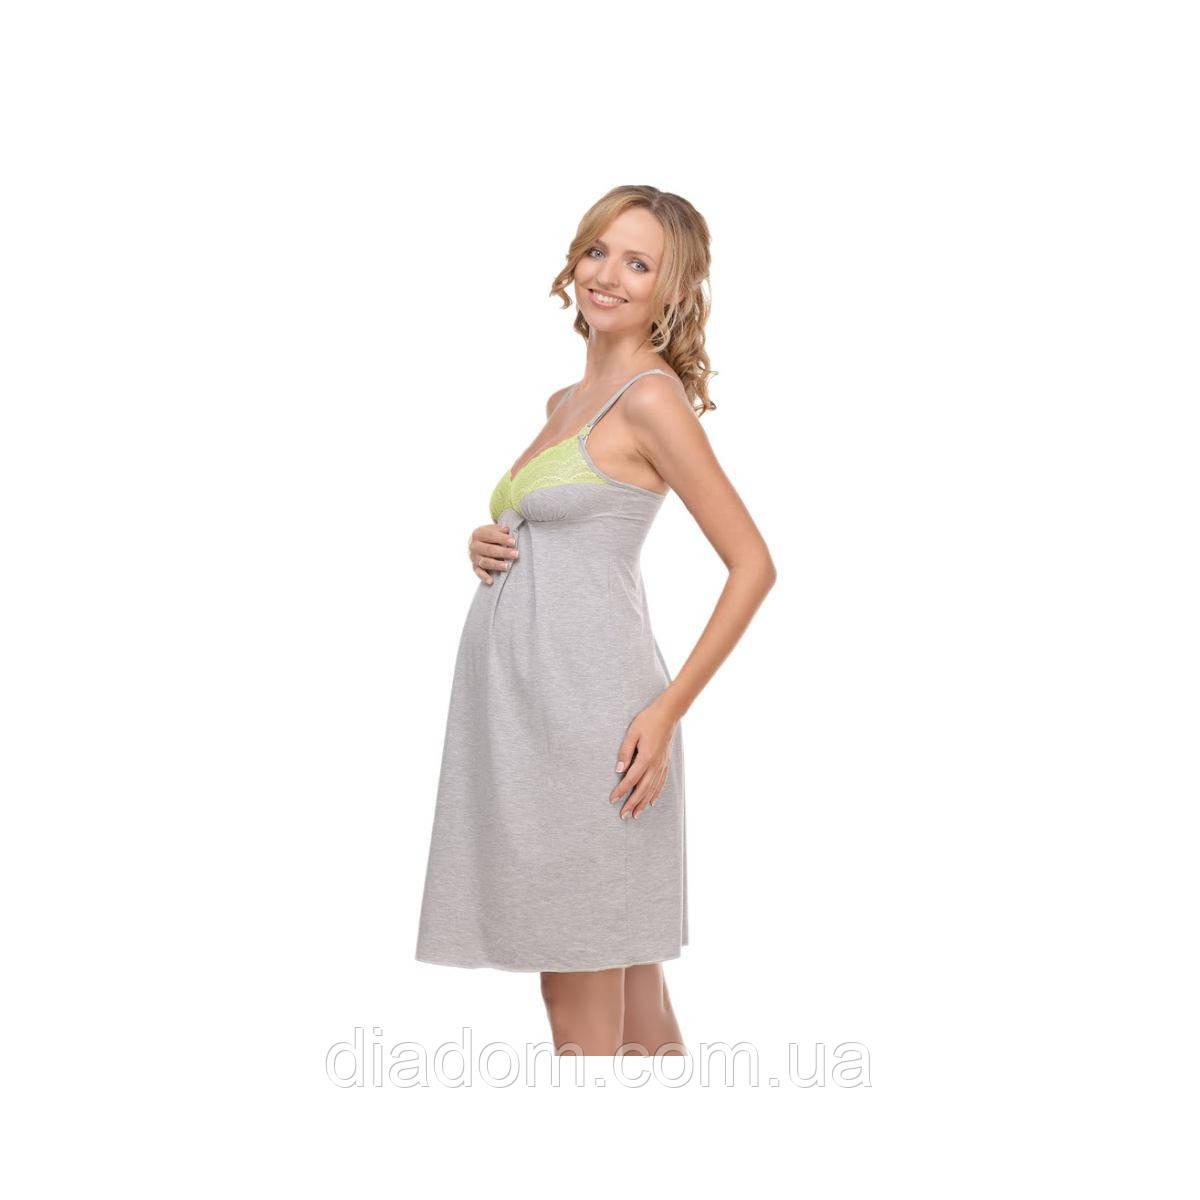 Ночная рубашка Меланж для беременных и кормящих мам серая, фото 1